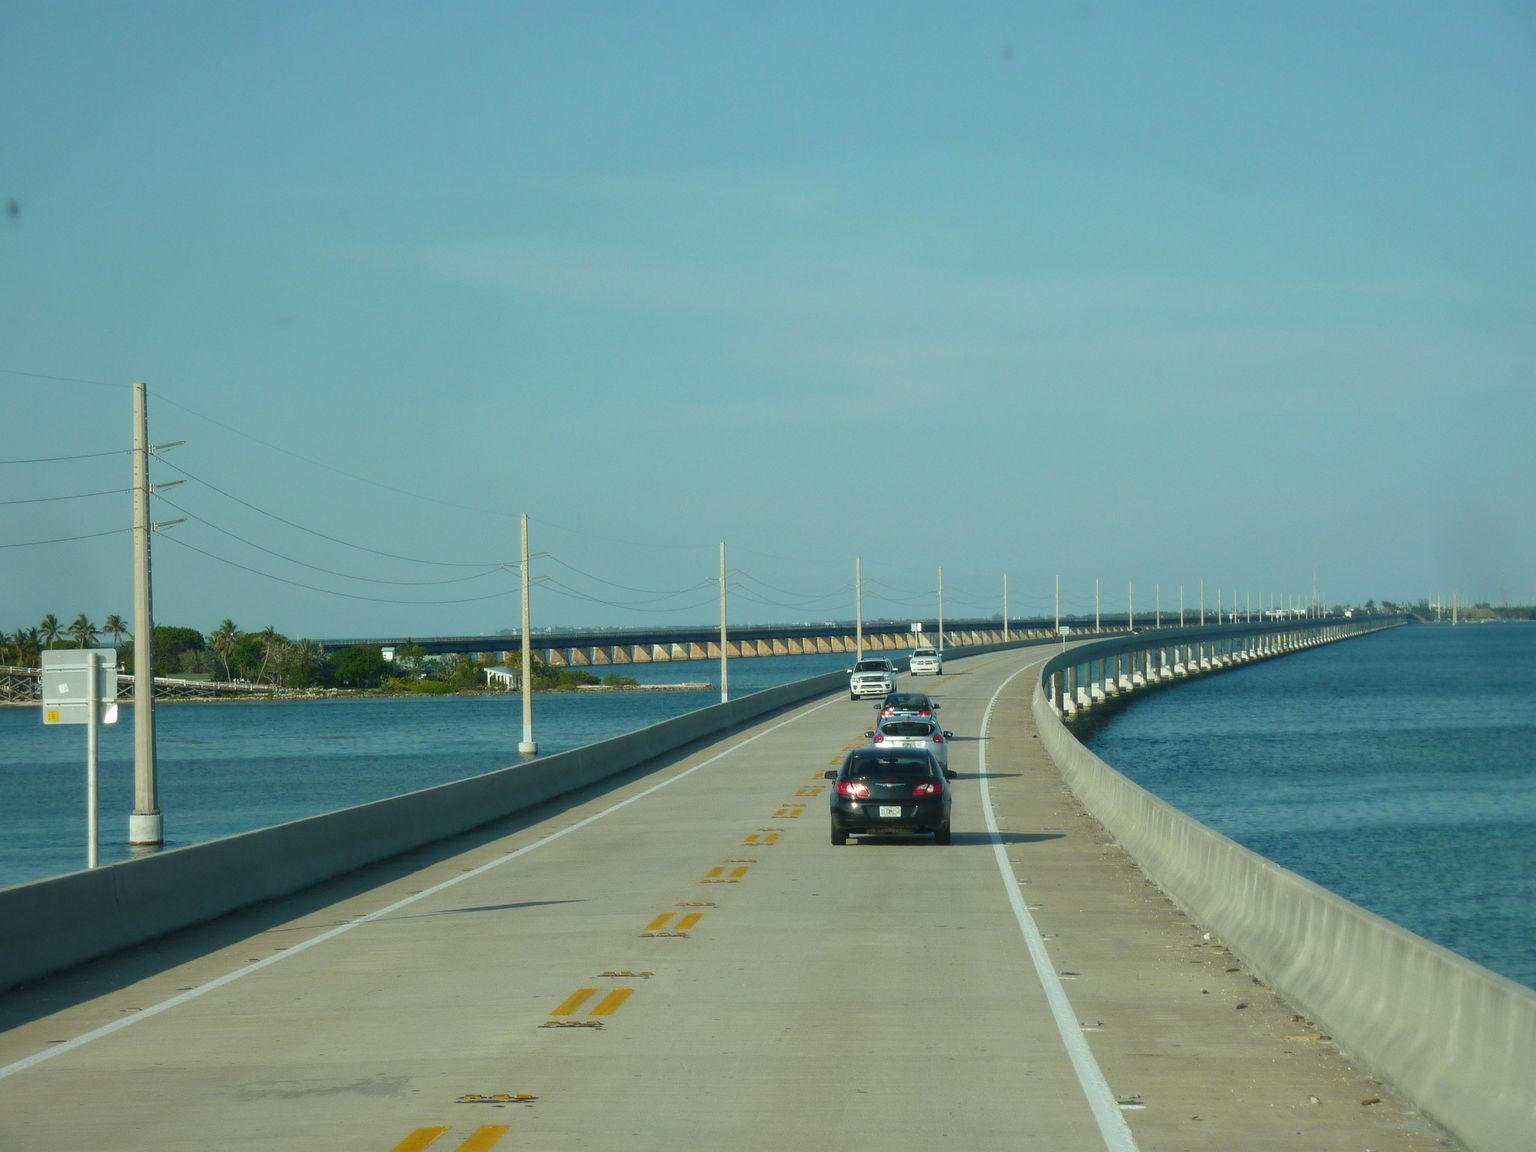 MAIS FOTOS, Viagem diurna a Key West com bonde, trem ou atividades aquáticas